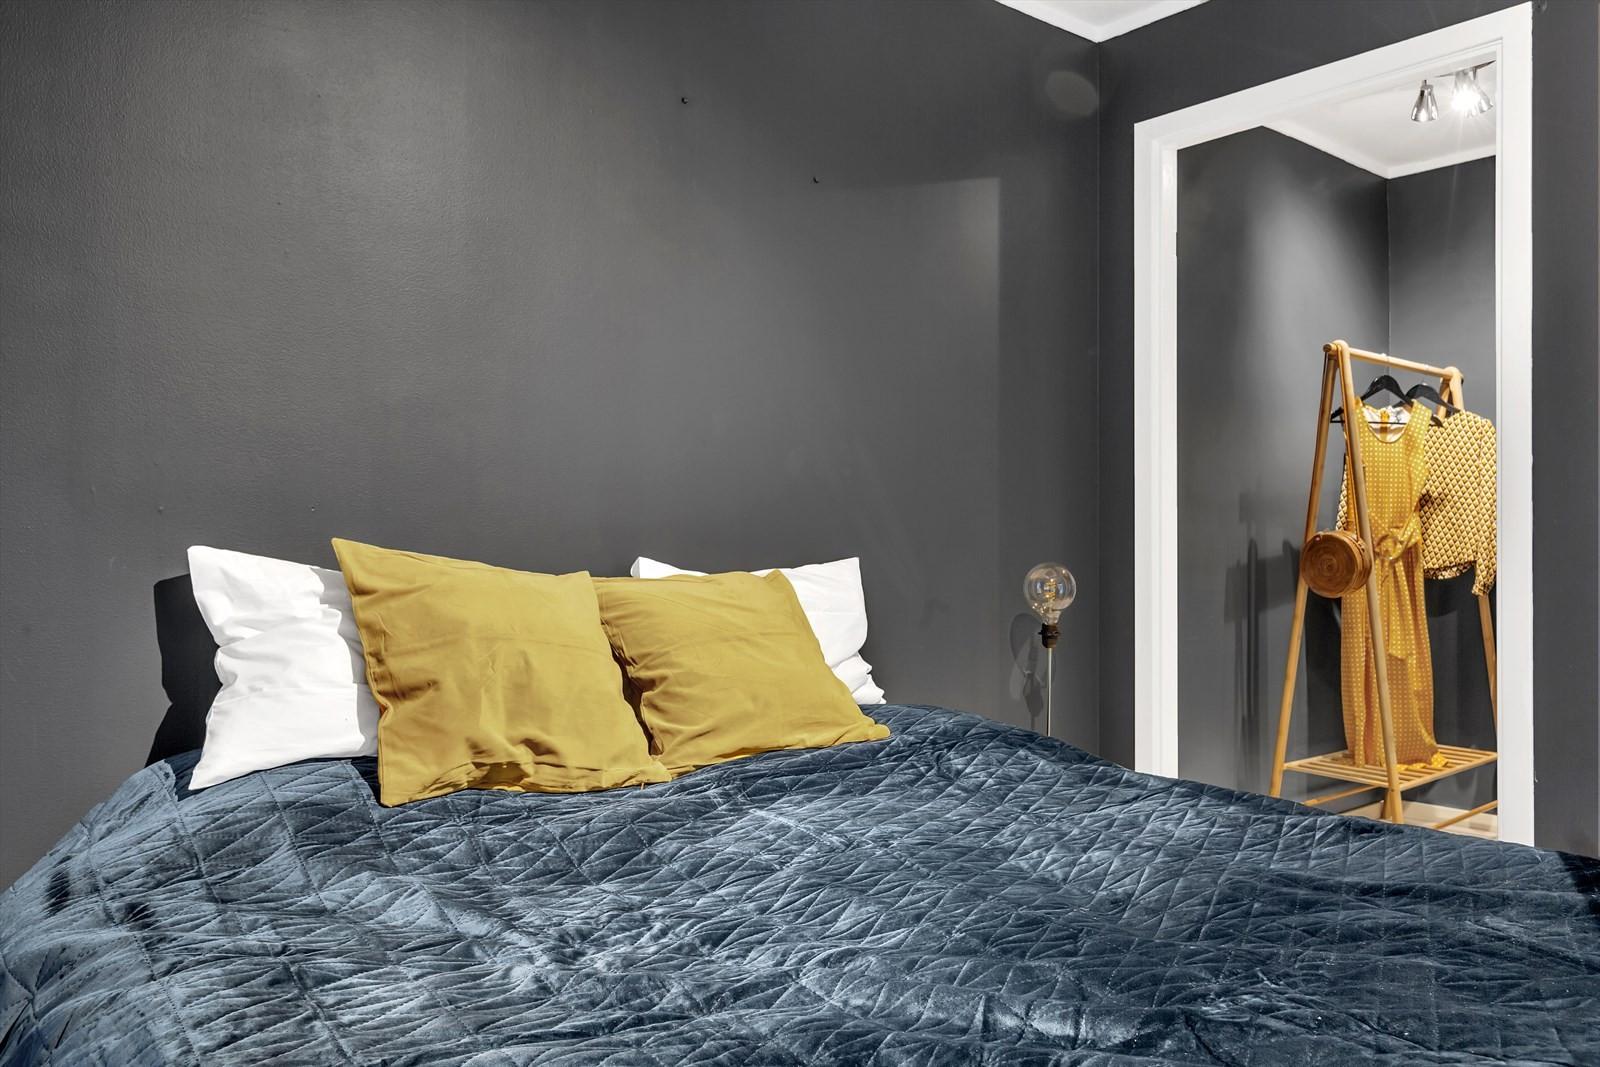 Soverom med praktisk garderoberom eller bod, etter behov.